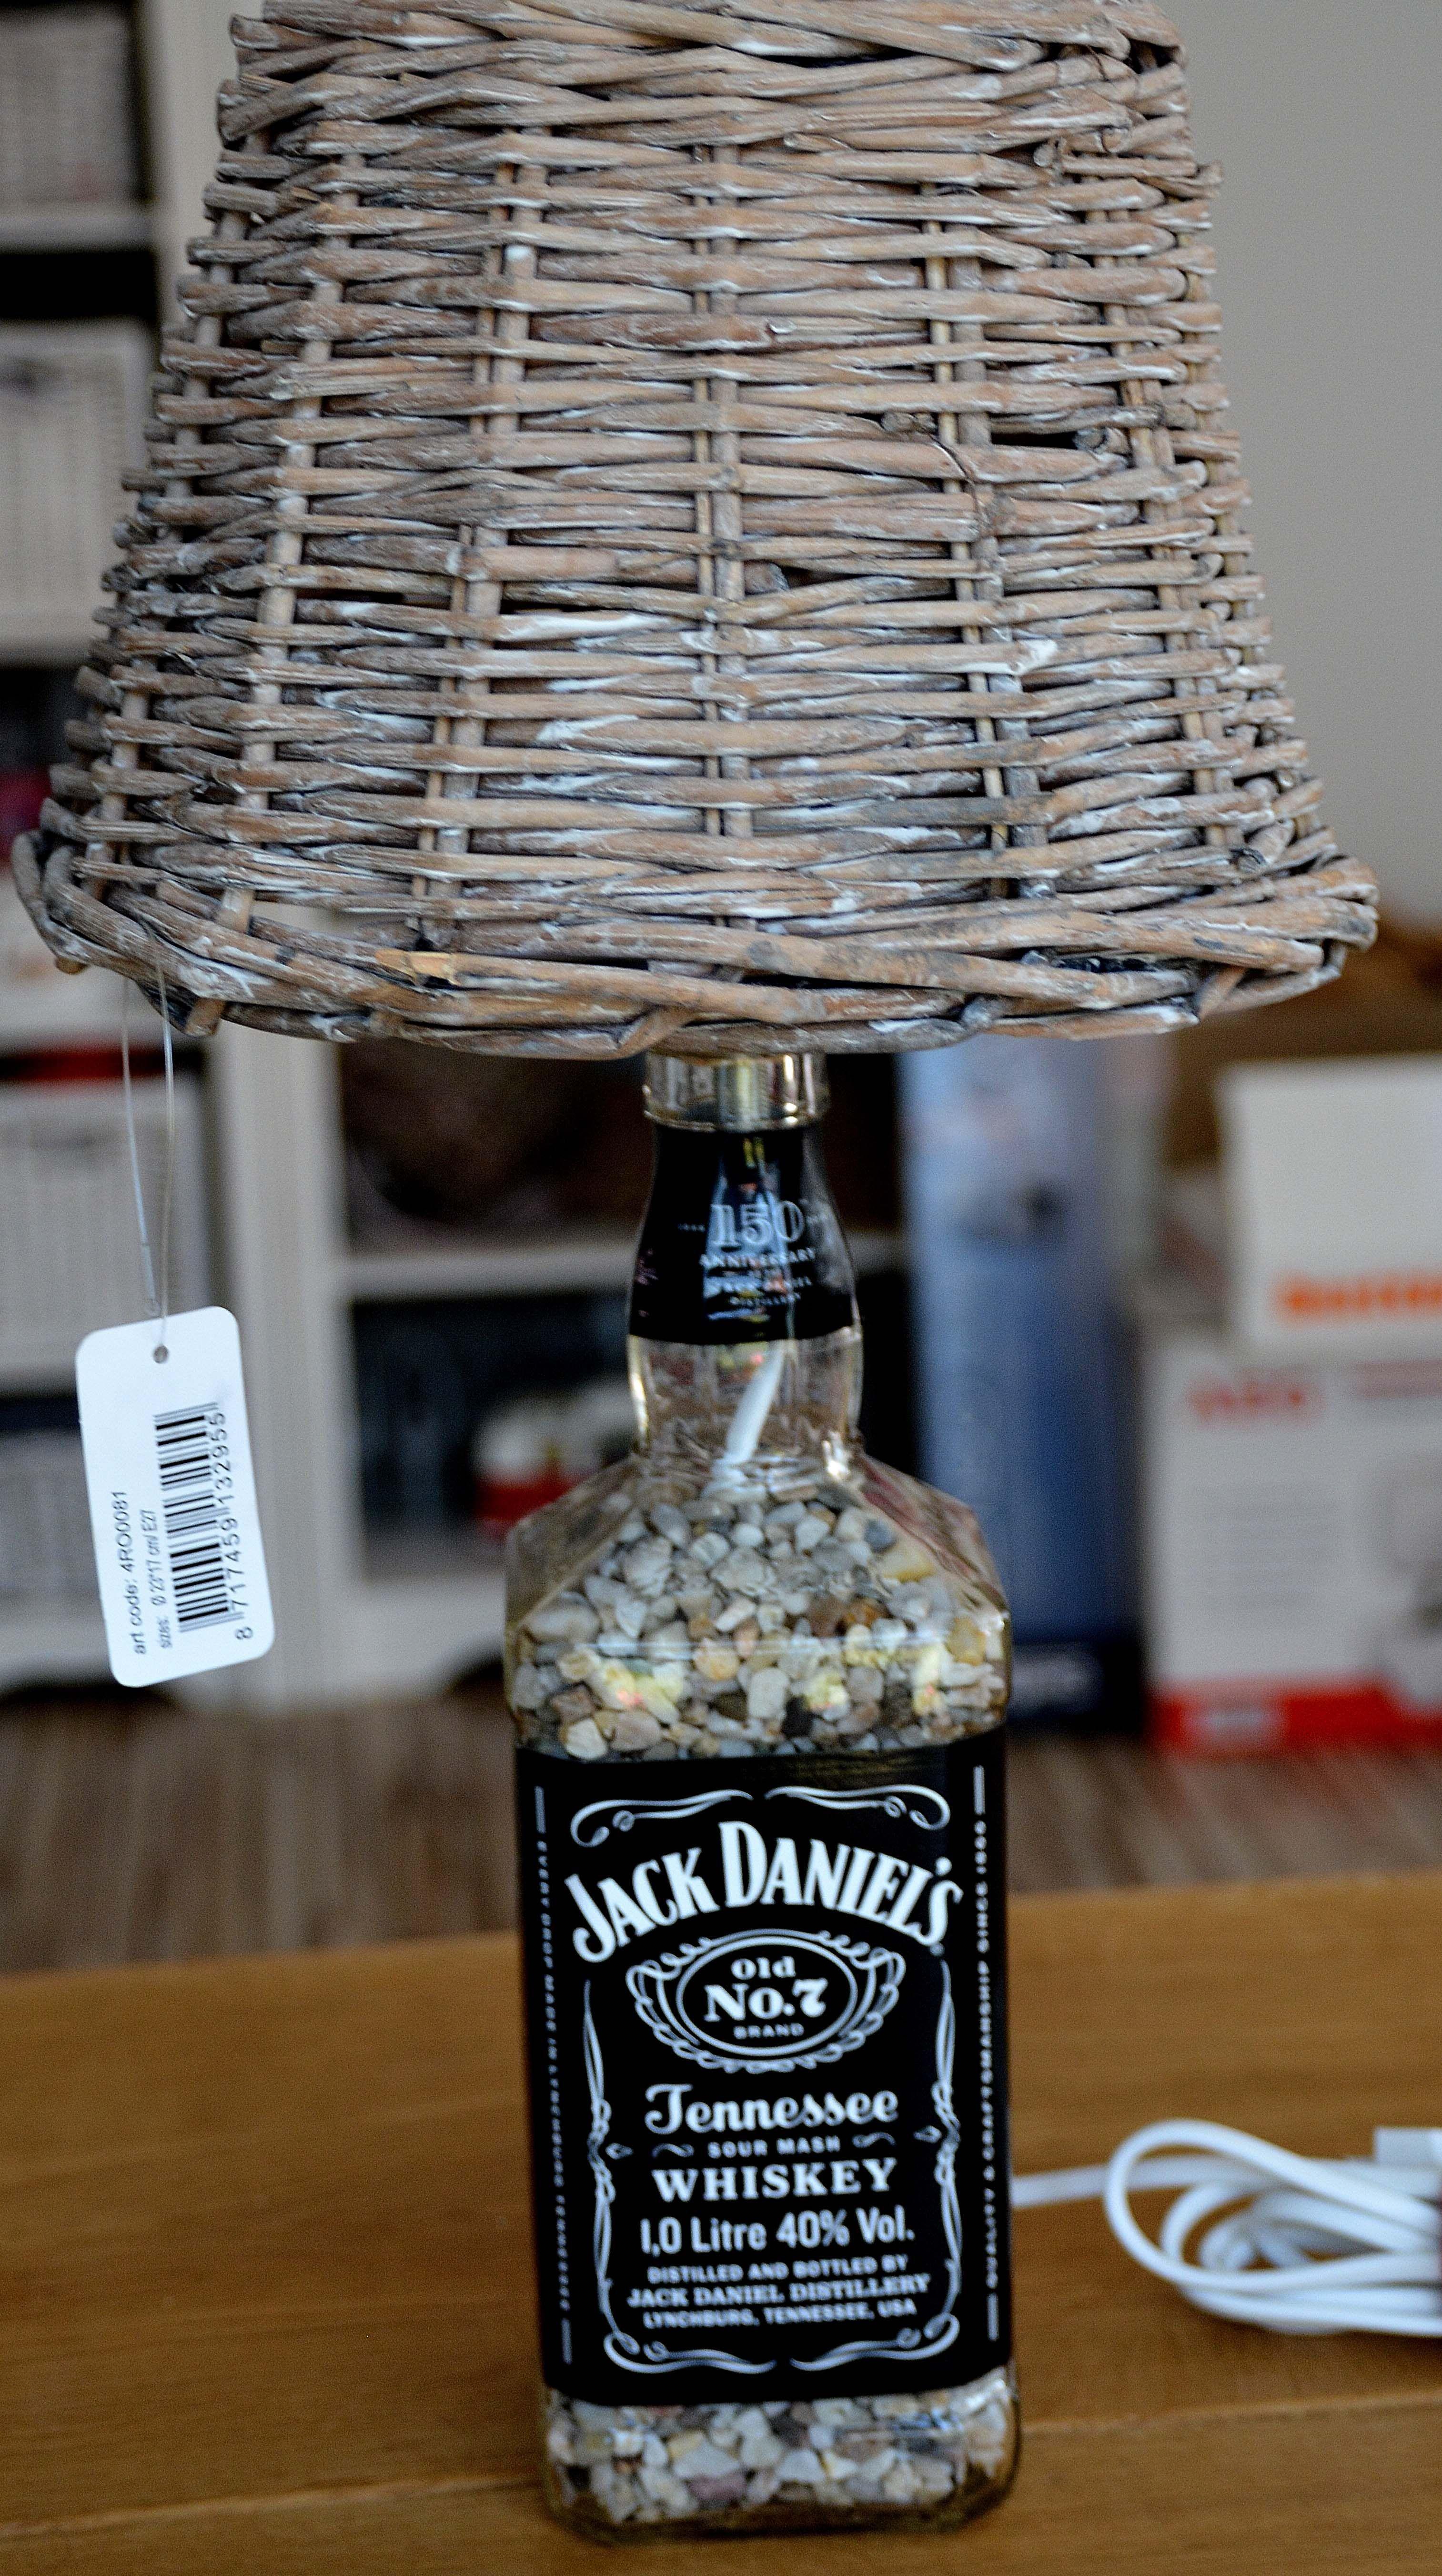 Lampe aus Jack Daniels Flasche mit Weidengeflecht als Schirm